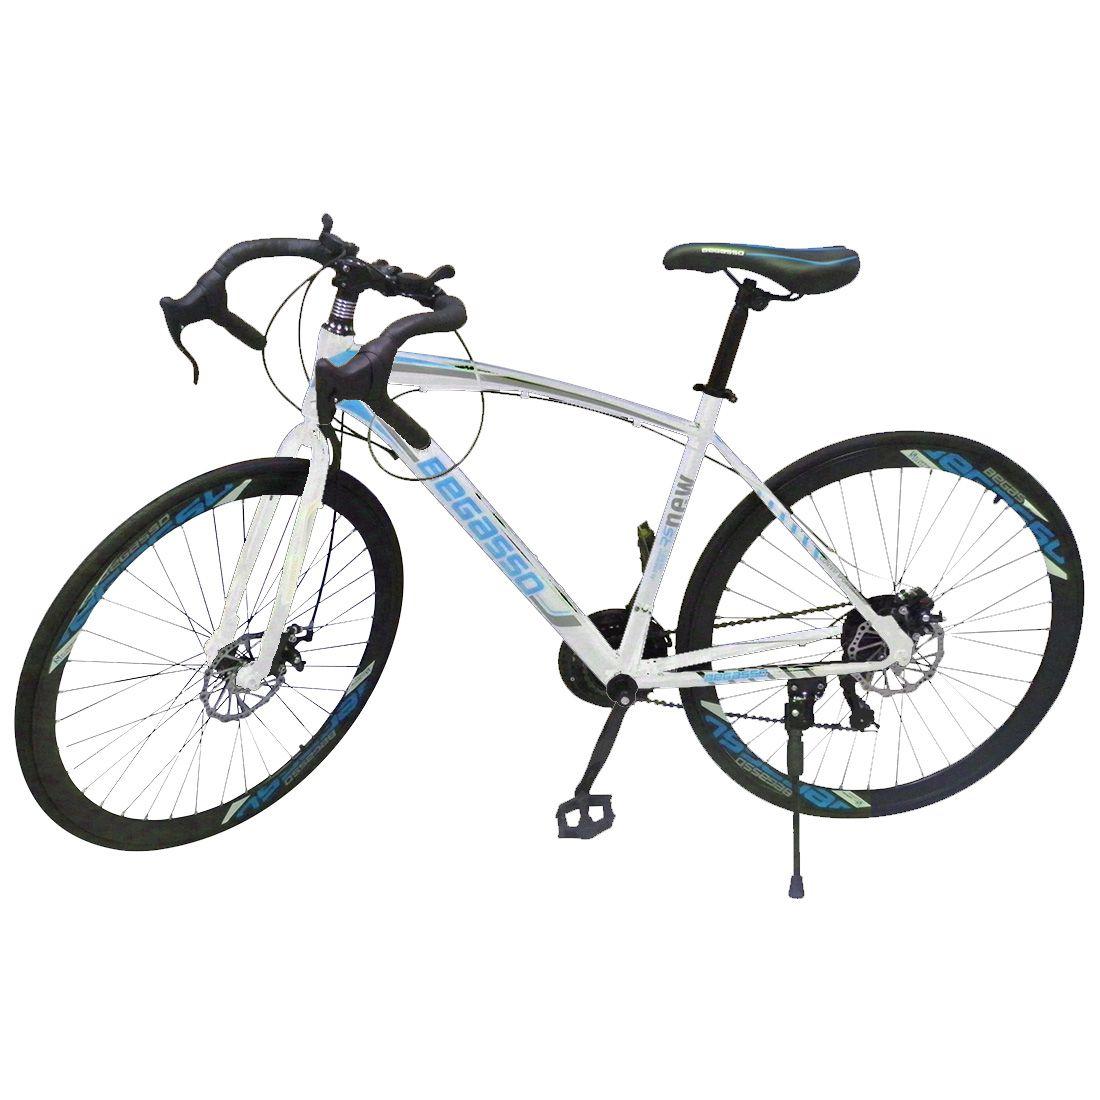 Bicicleta Speed Corrida 21 Marchas Shimano Aro 26 Freio Disco Bike Pneu Fino Branca